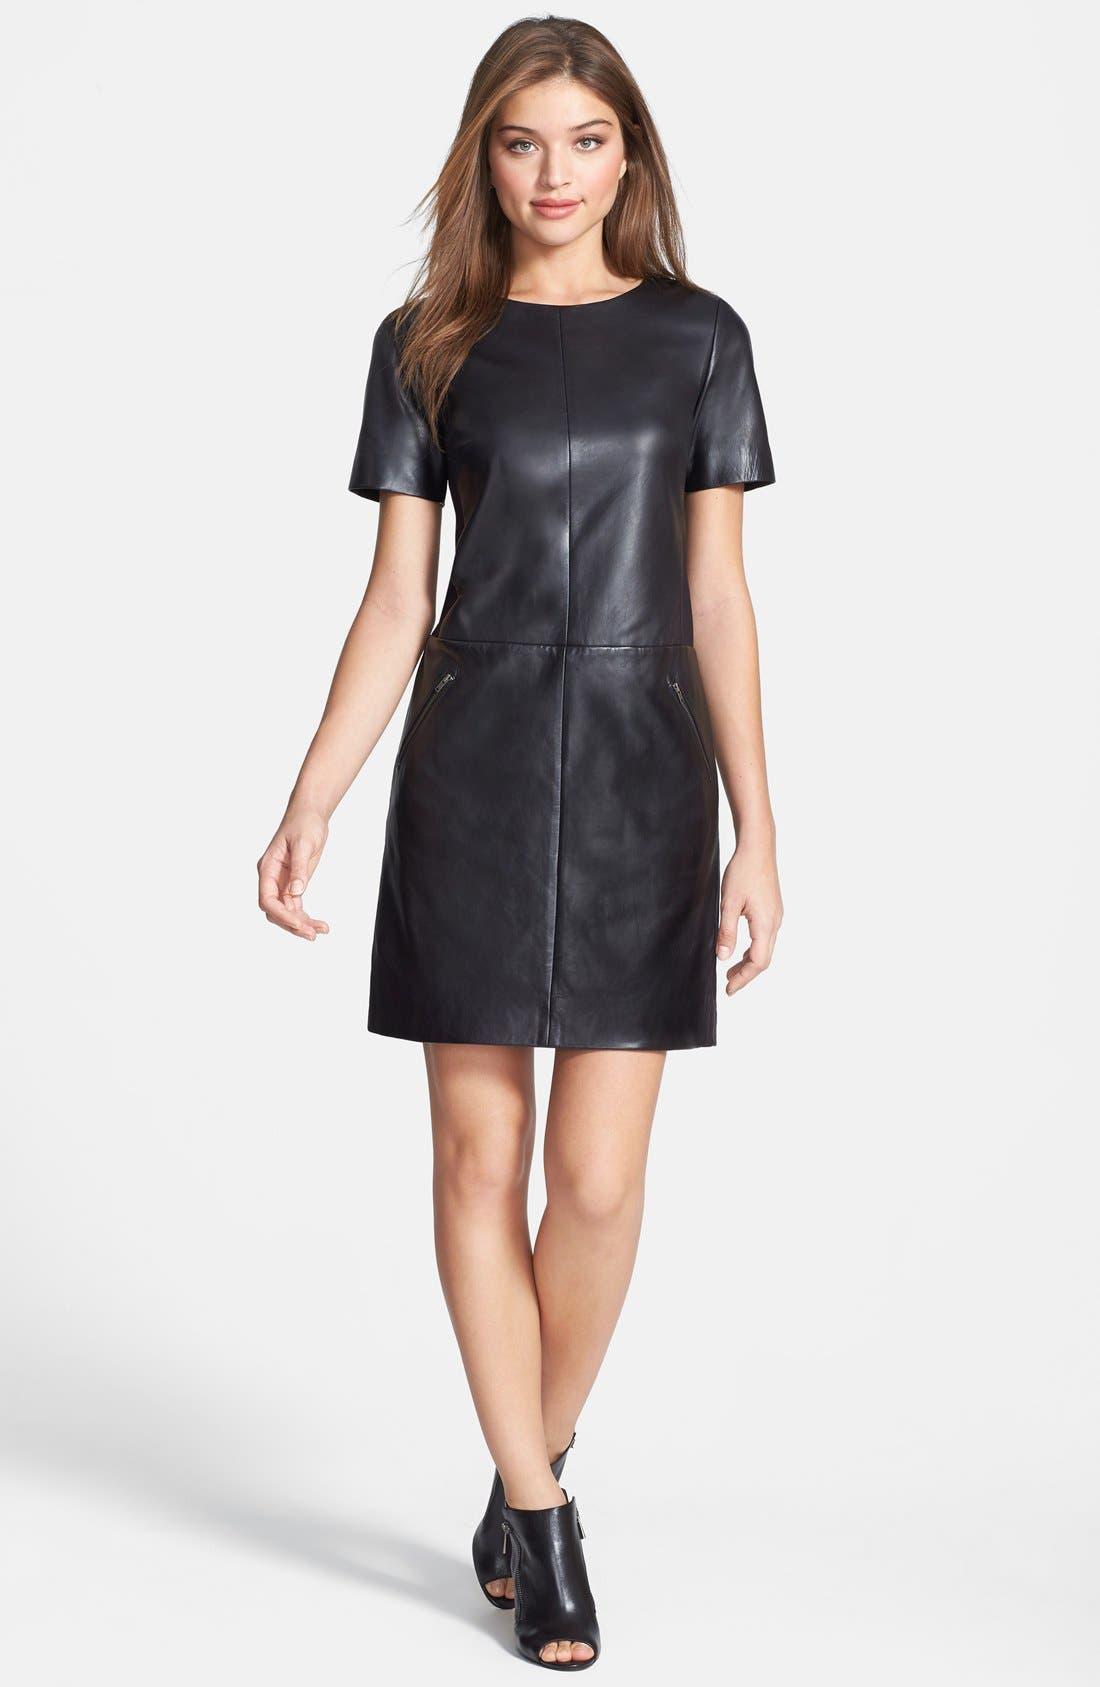 Alternate Image 1 Selected - Halogen® Leather & Ponte Knit Shift Dress (Regular & Petite)